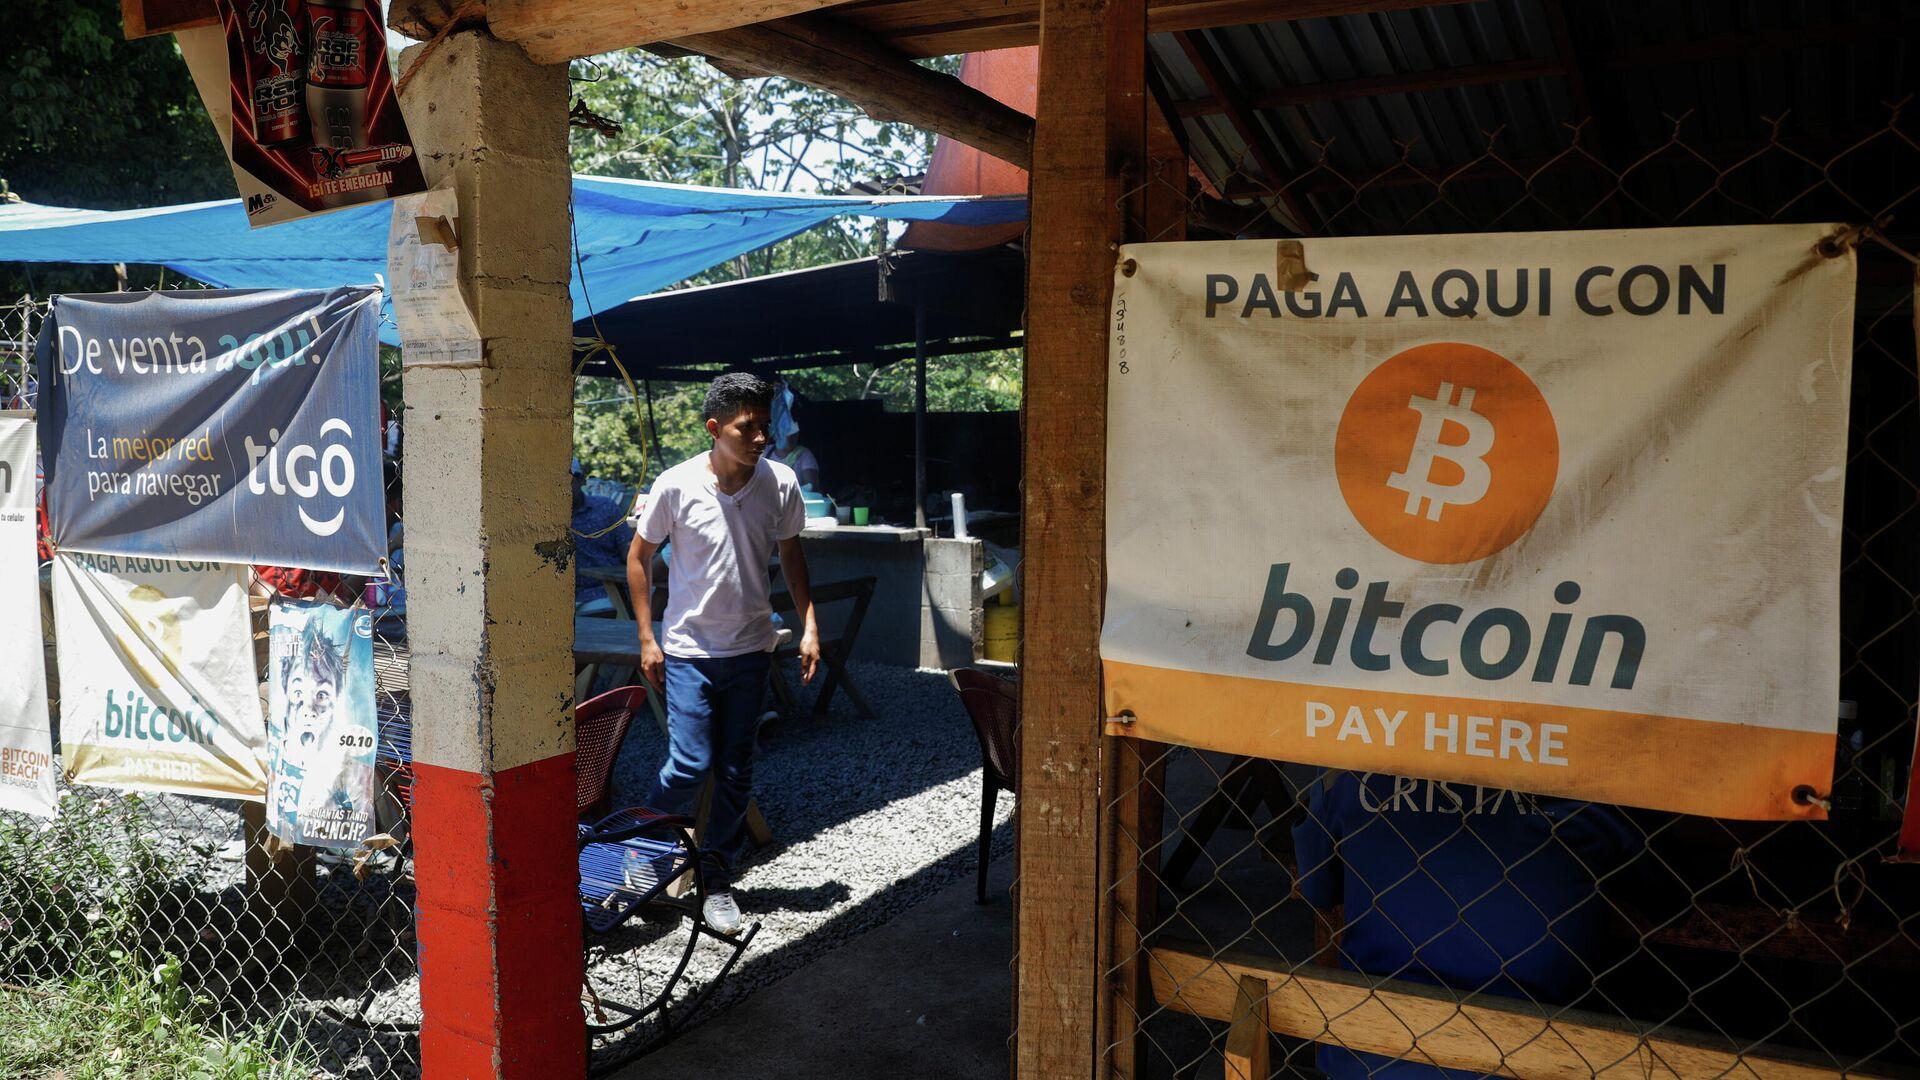 Uso de bitcoin en El salvador - Sputnik Mundo, 1920, 09.06.2021